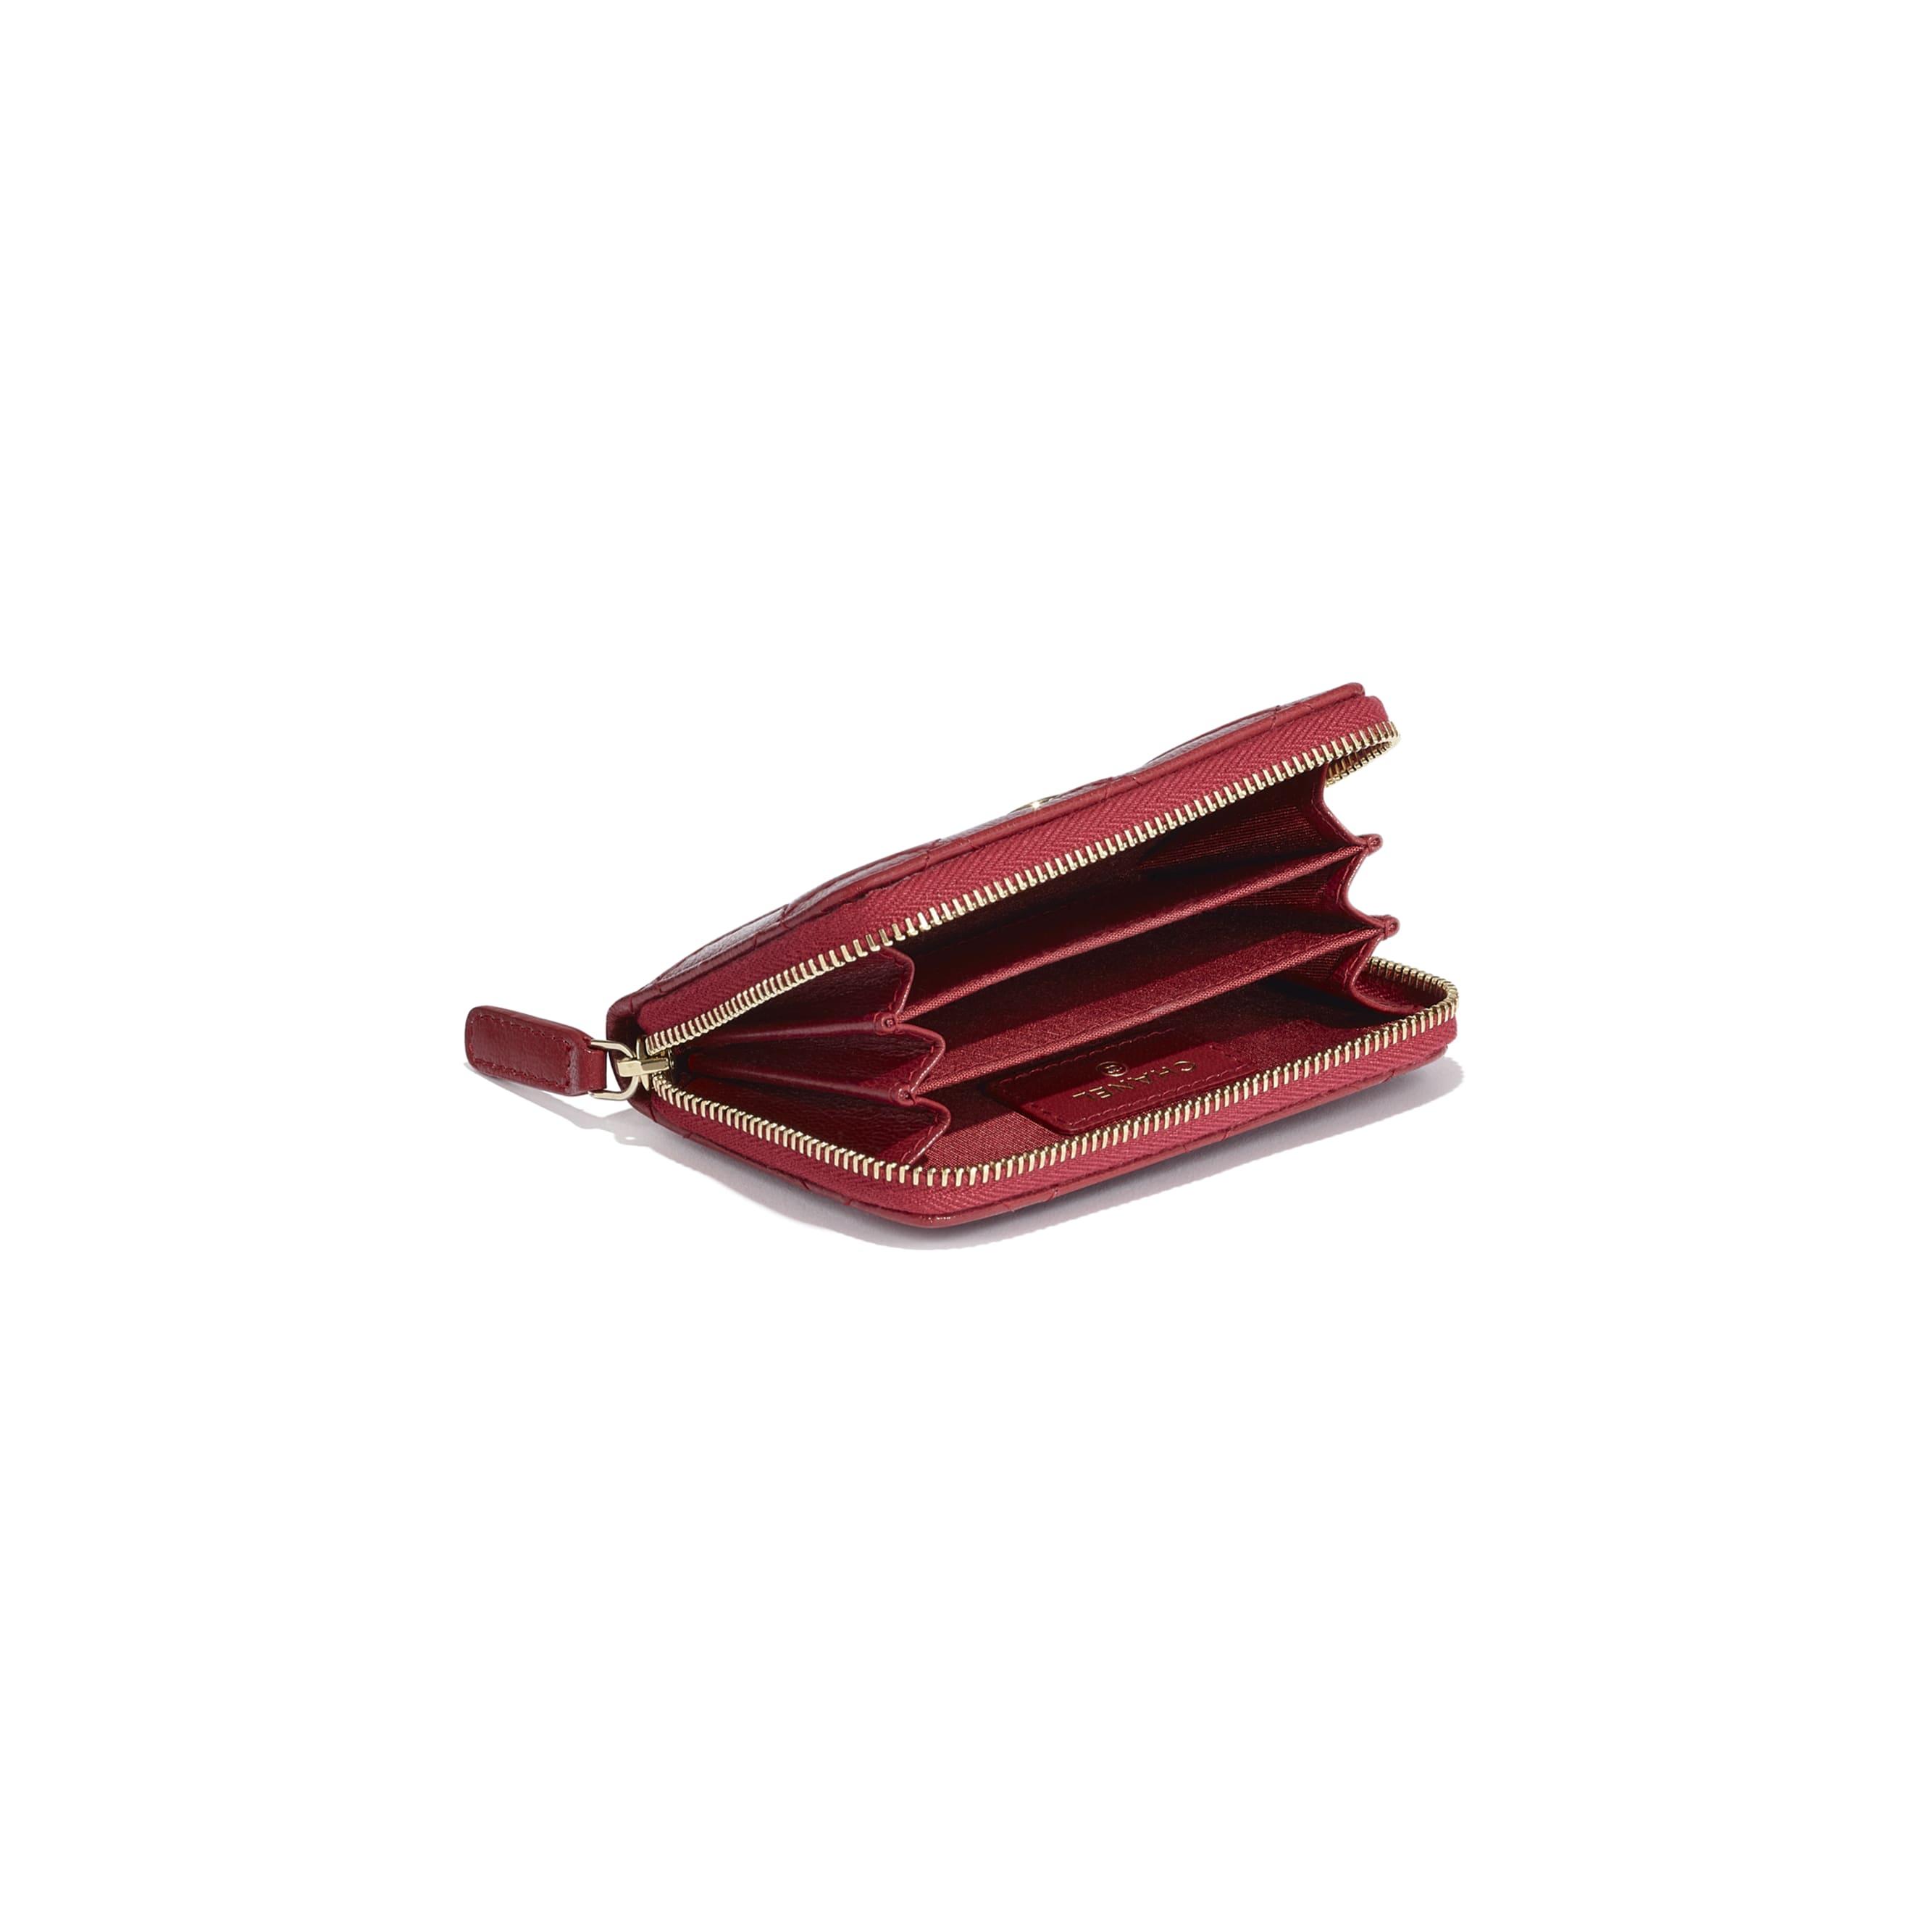 Monedero con cremallera - Rojo - Piel de cabra efecto arrugado con brillos y metal dorado - CHANEL - Vista adicional - ver la versión tamaño estándar